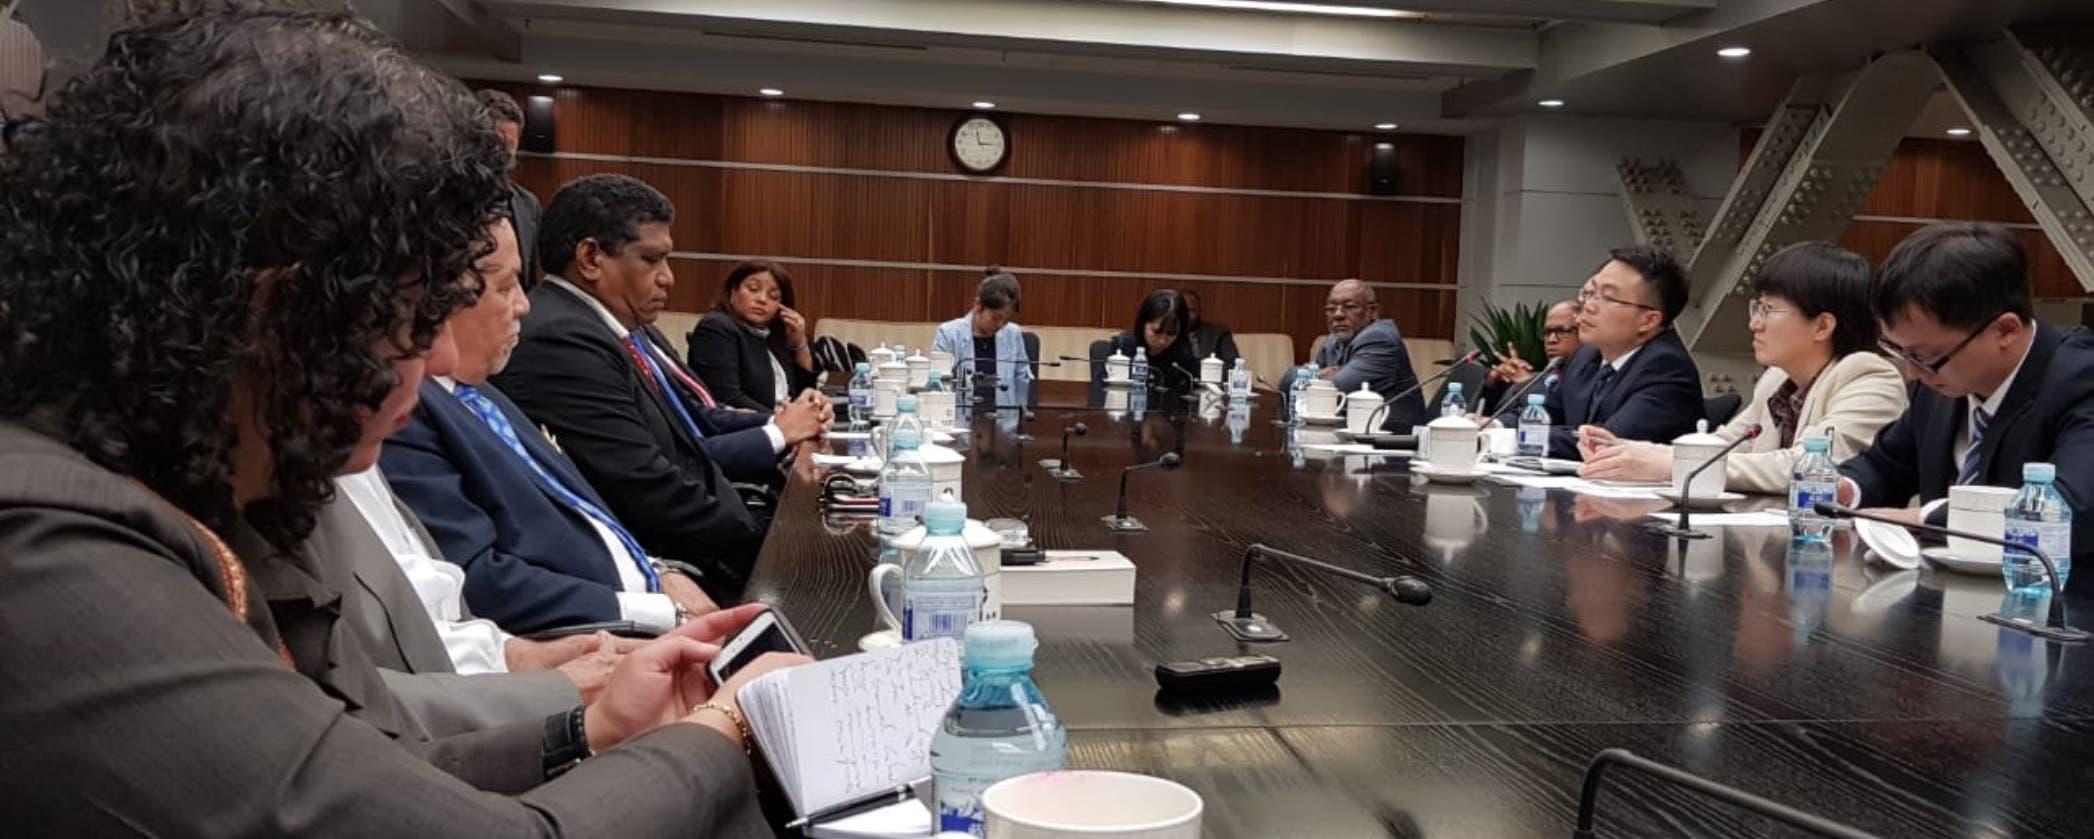 Periodistas de República Dominicana que visitan China mientras reciben detalles de autoridades   sobre las relaciones entre los  países.   fuente externa